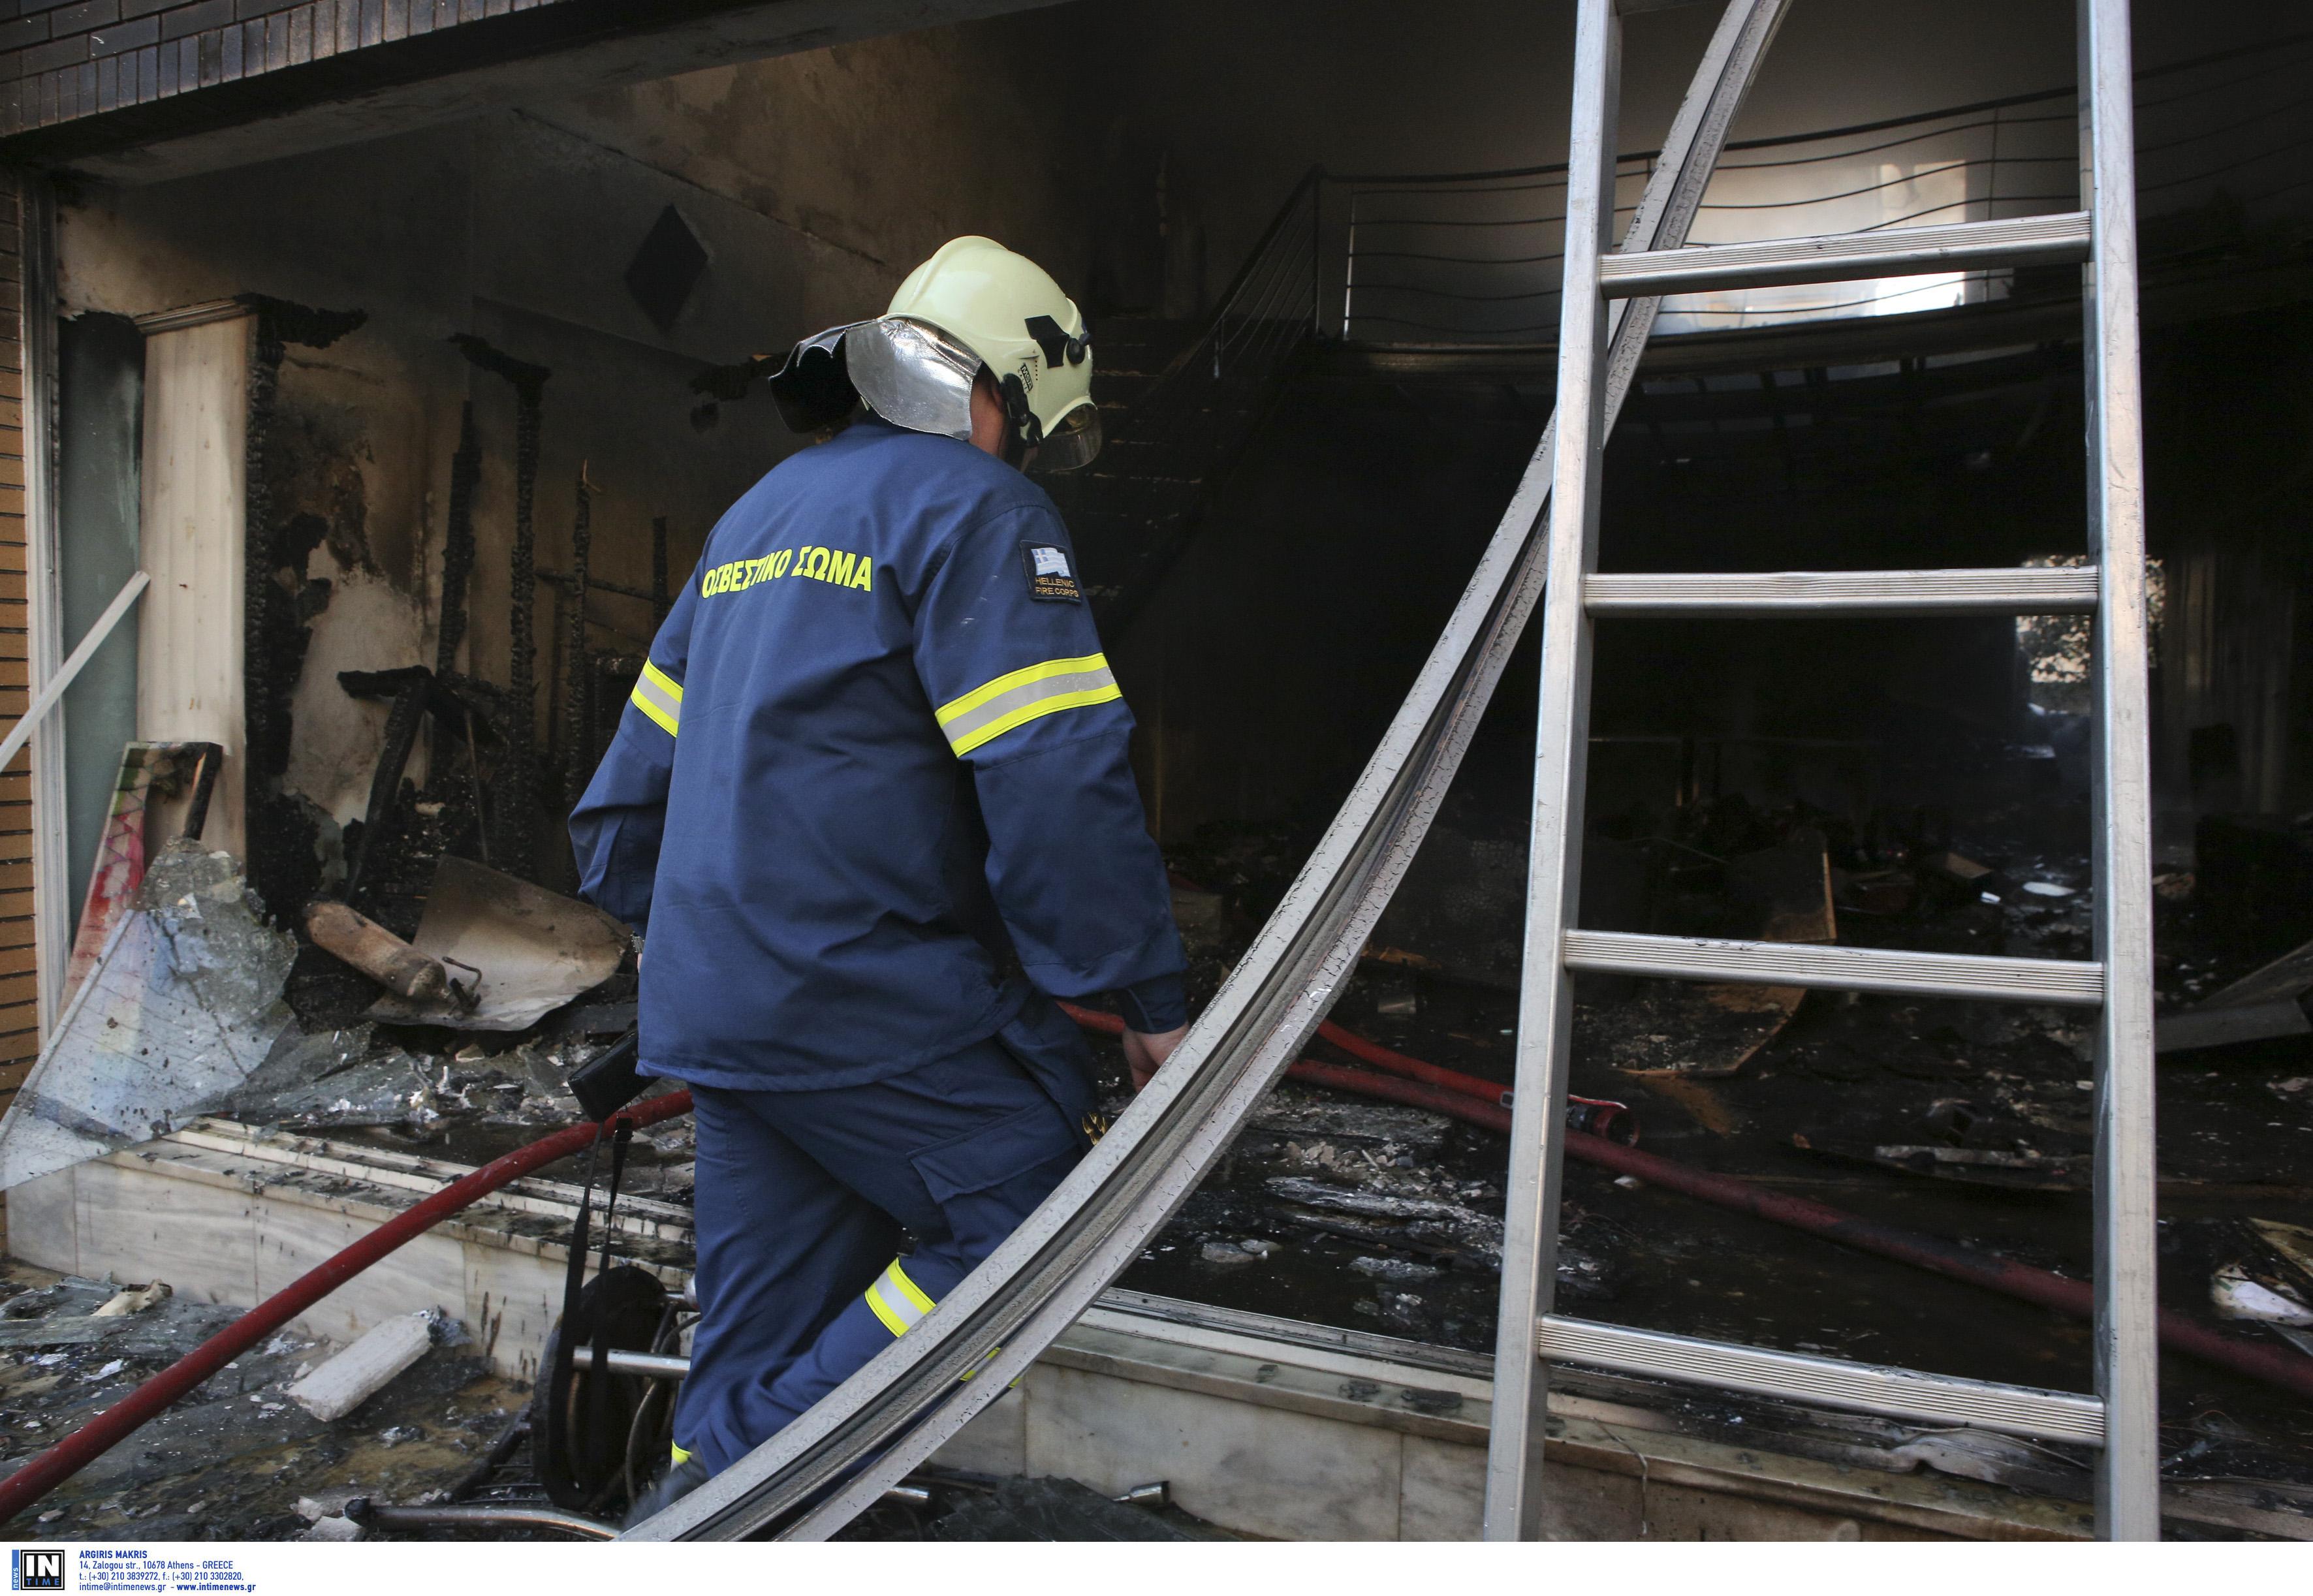 Νέα στοιχεία για τη φωτιά στον Πειραιά με νεκρό παιδί